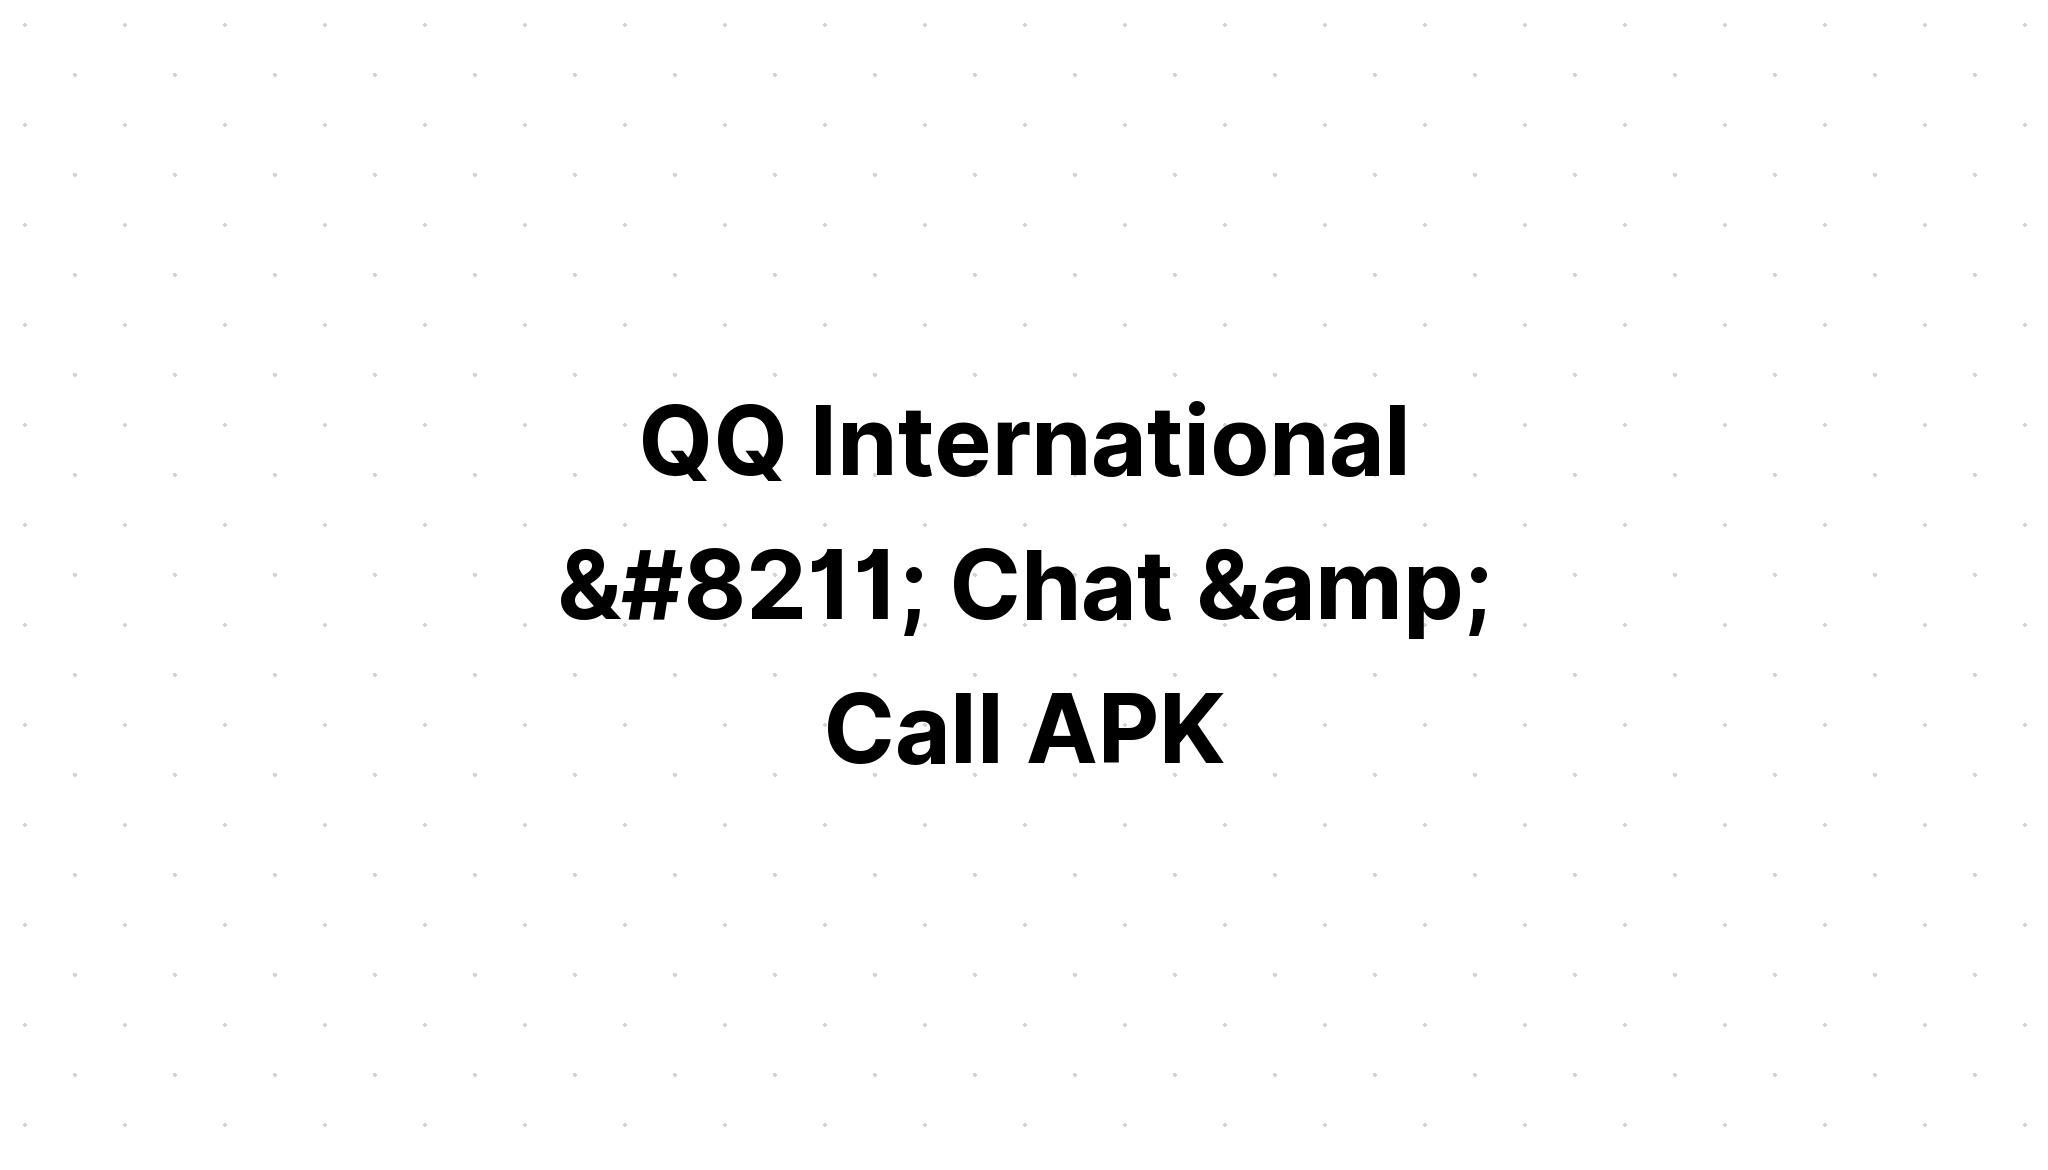 تنزيل Qq International Chat Call Apk متجر بلاي العرب